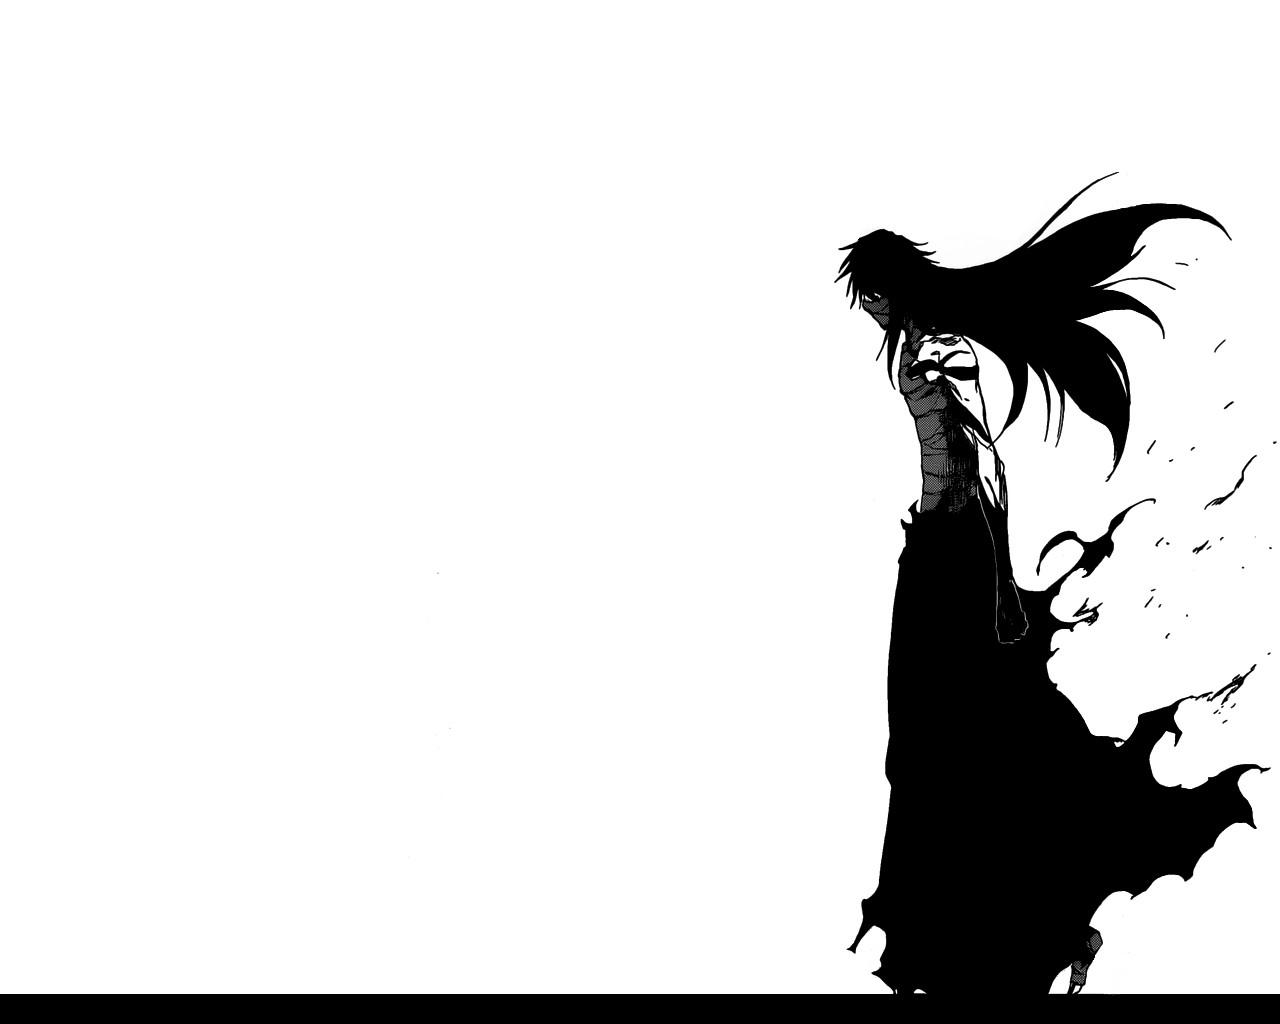 デスクトップ壁紙 アニメ シルエット 漫画 漂白 黒崎一護